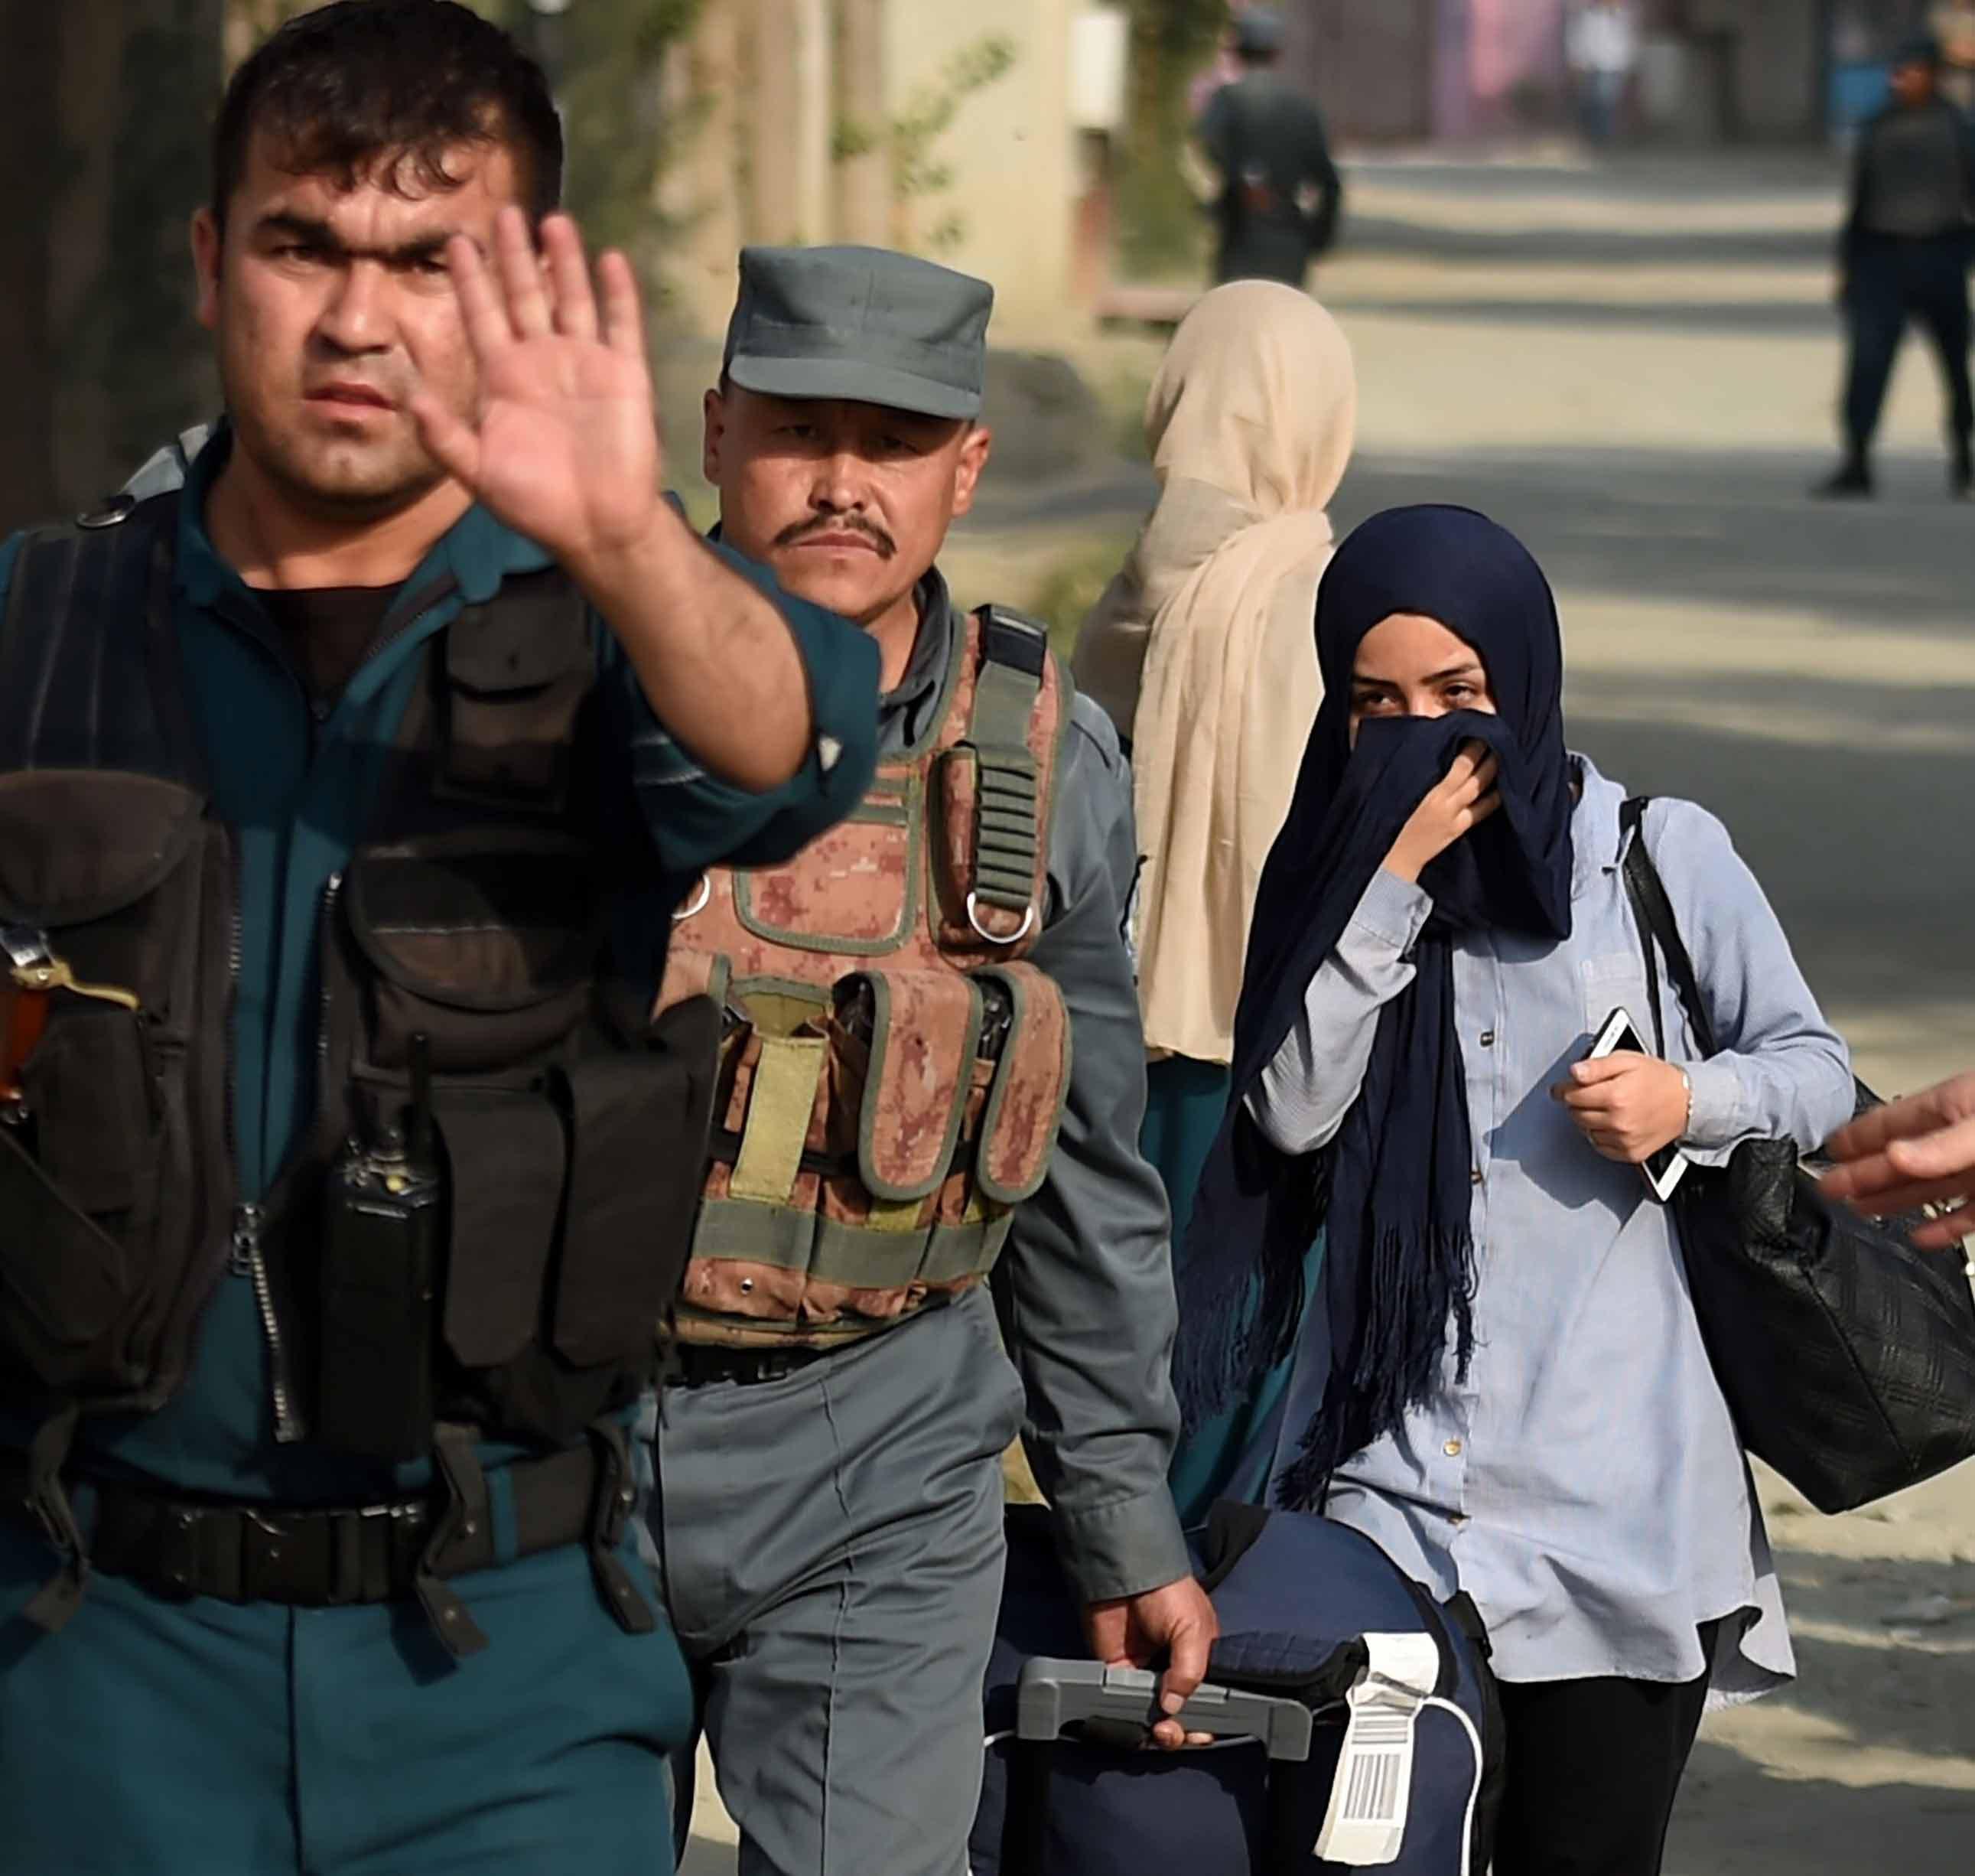 카불서 무장괴한 아메리칸大 테러…12명 사망·40여명 부상